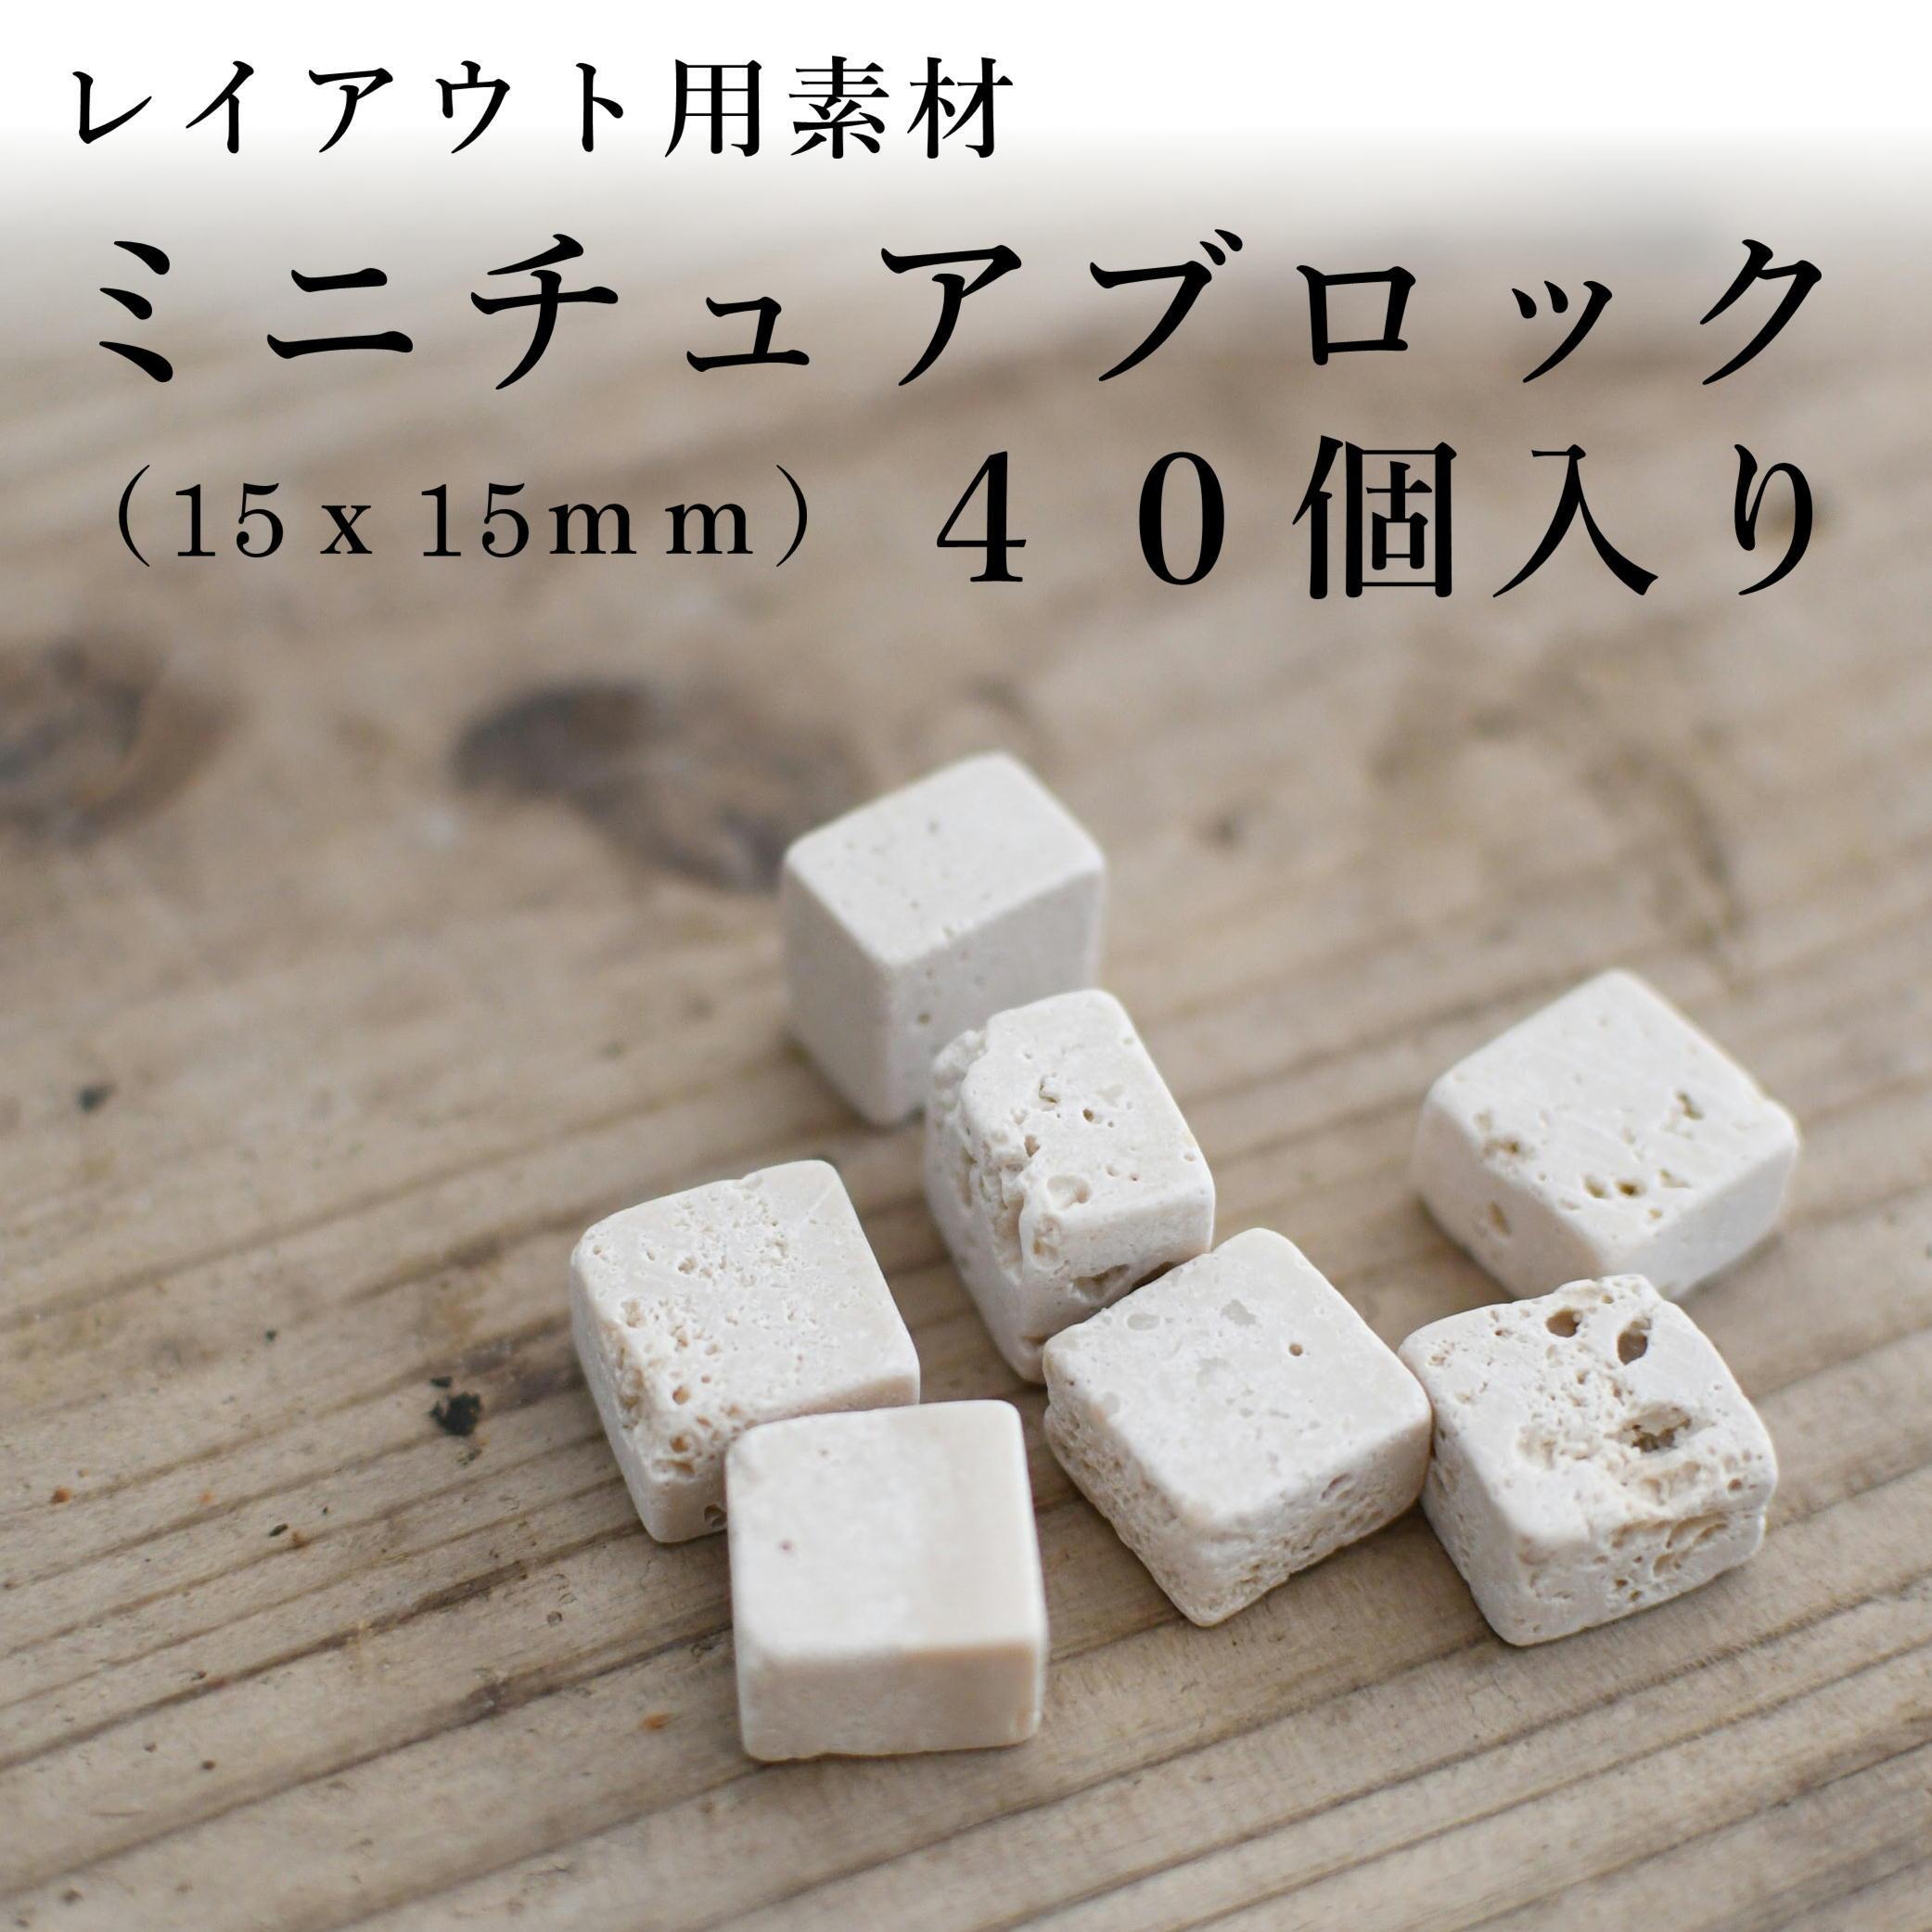 ミニチュアブロック ホワイト(15x15mm)40個入り【レイアウト用】